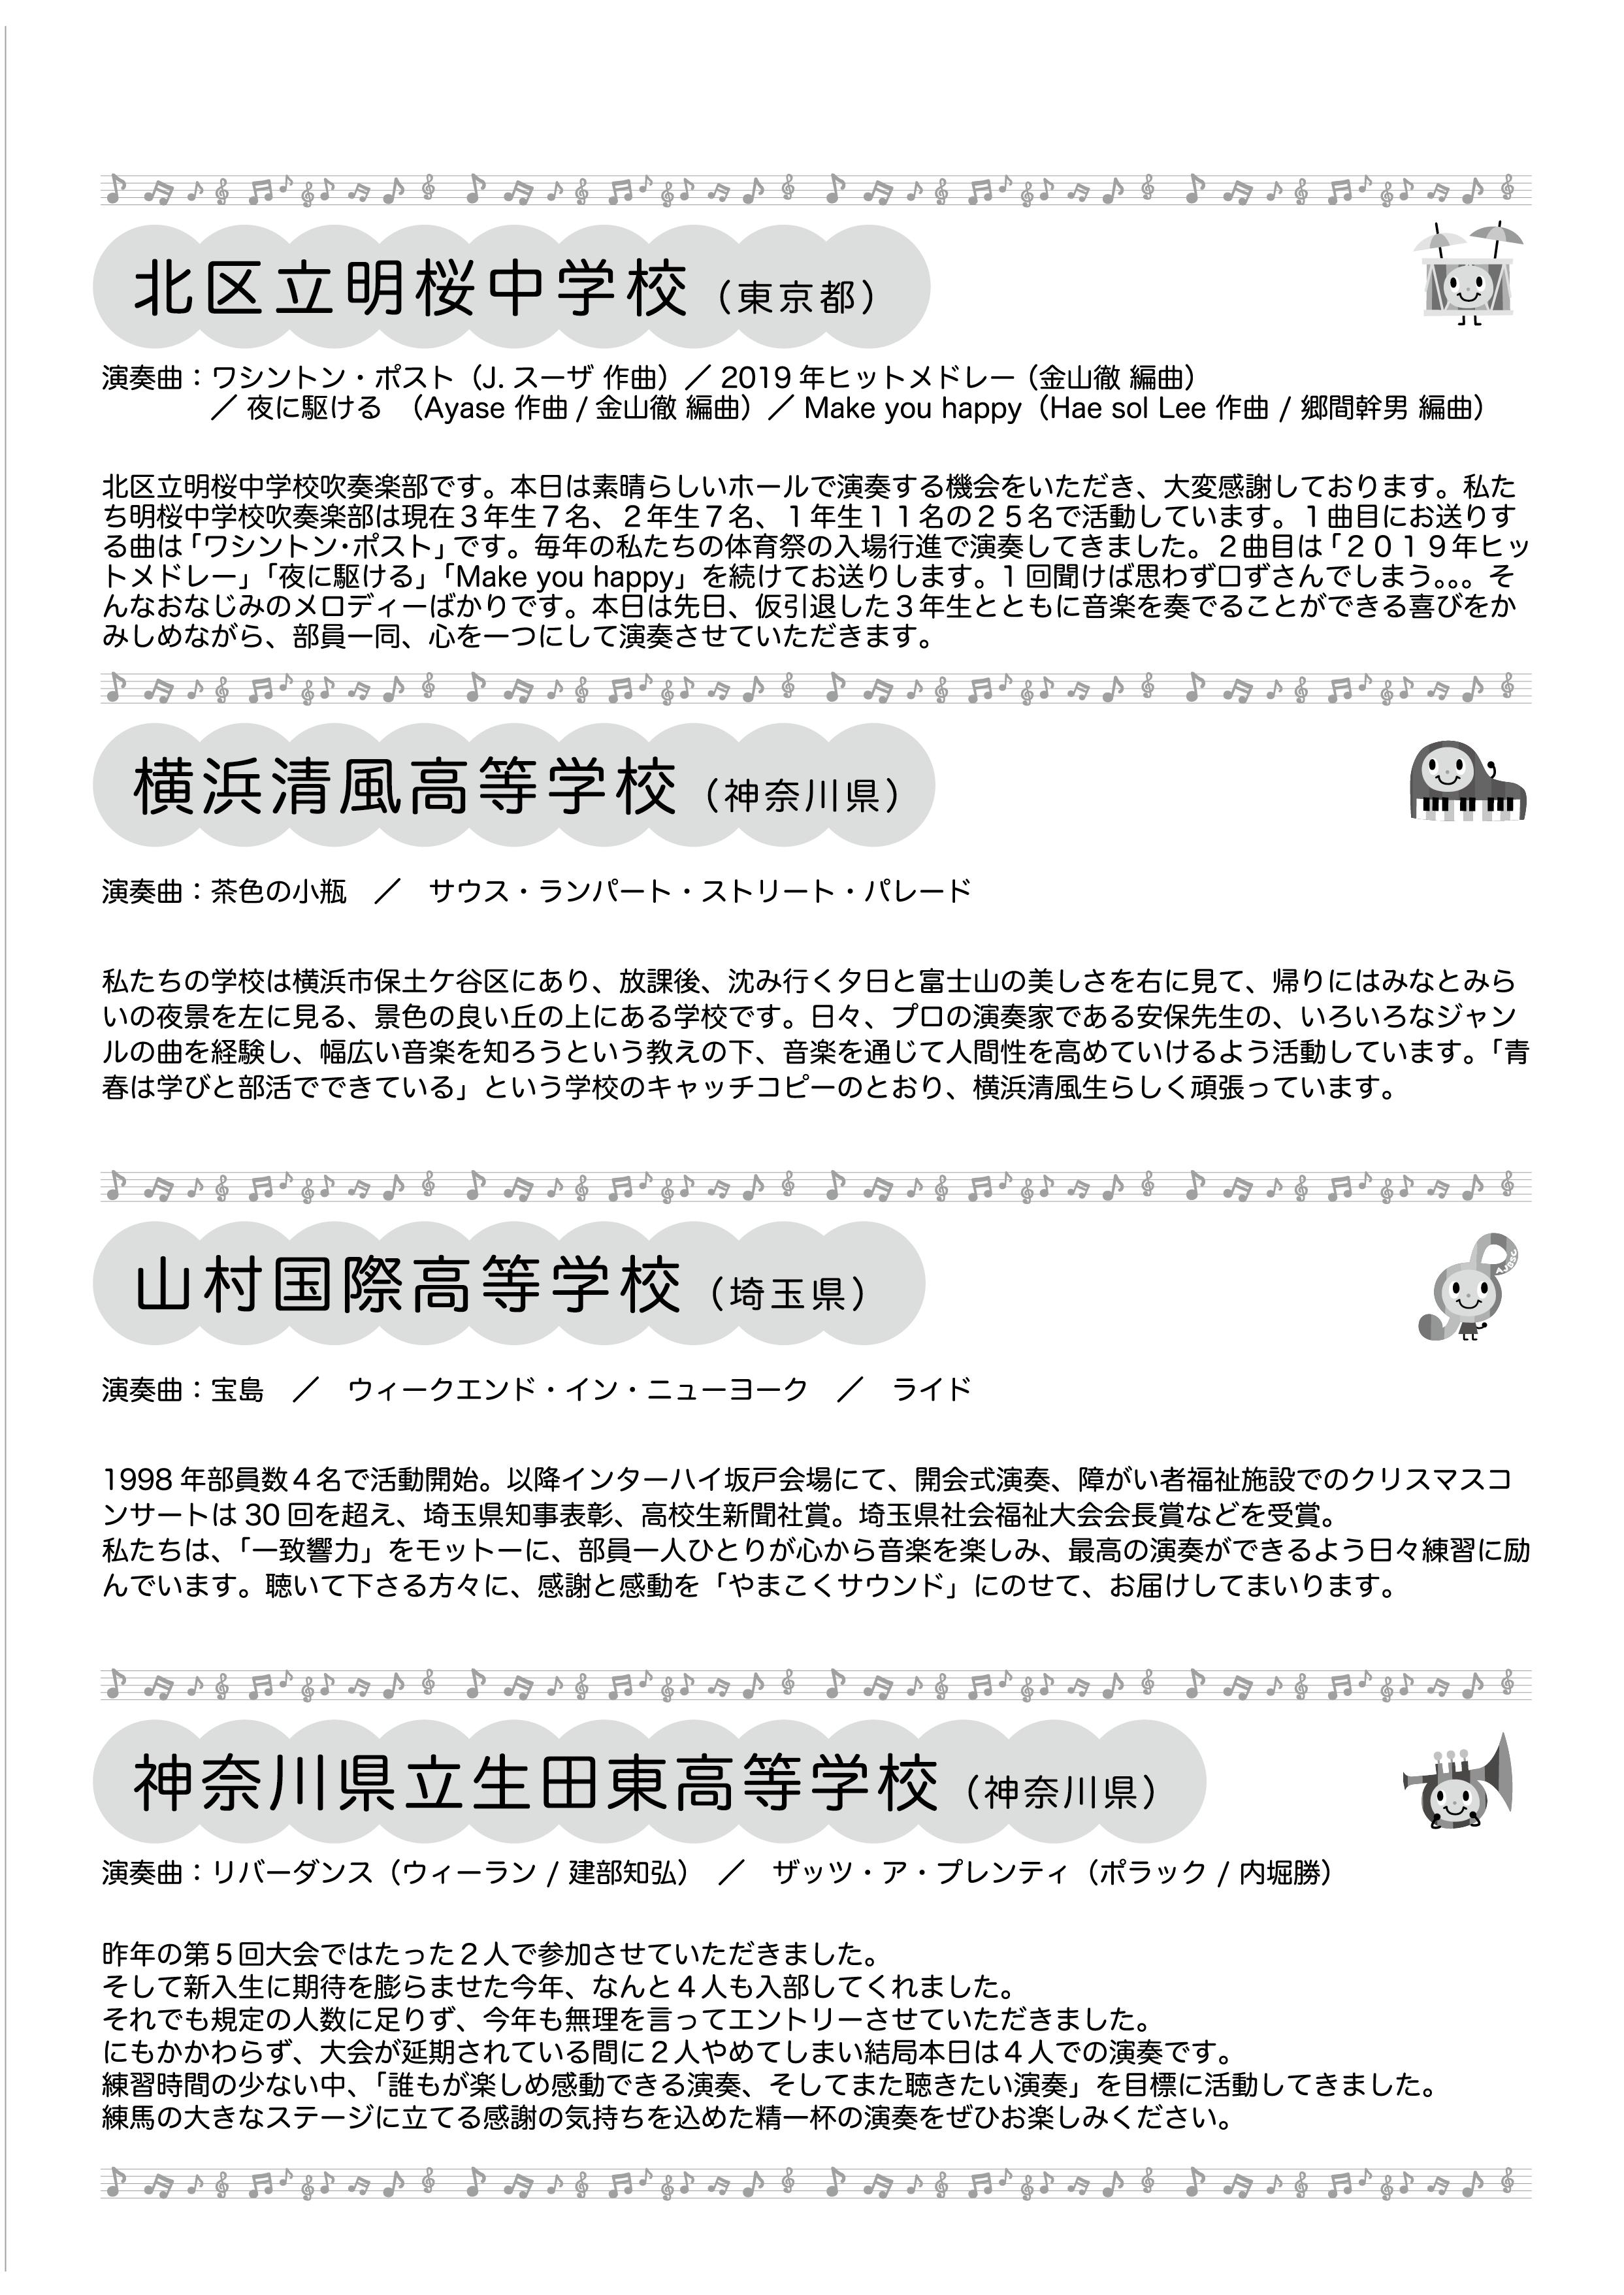 関東予選プログラム3